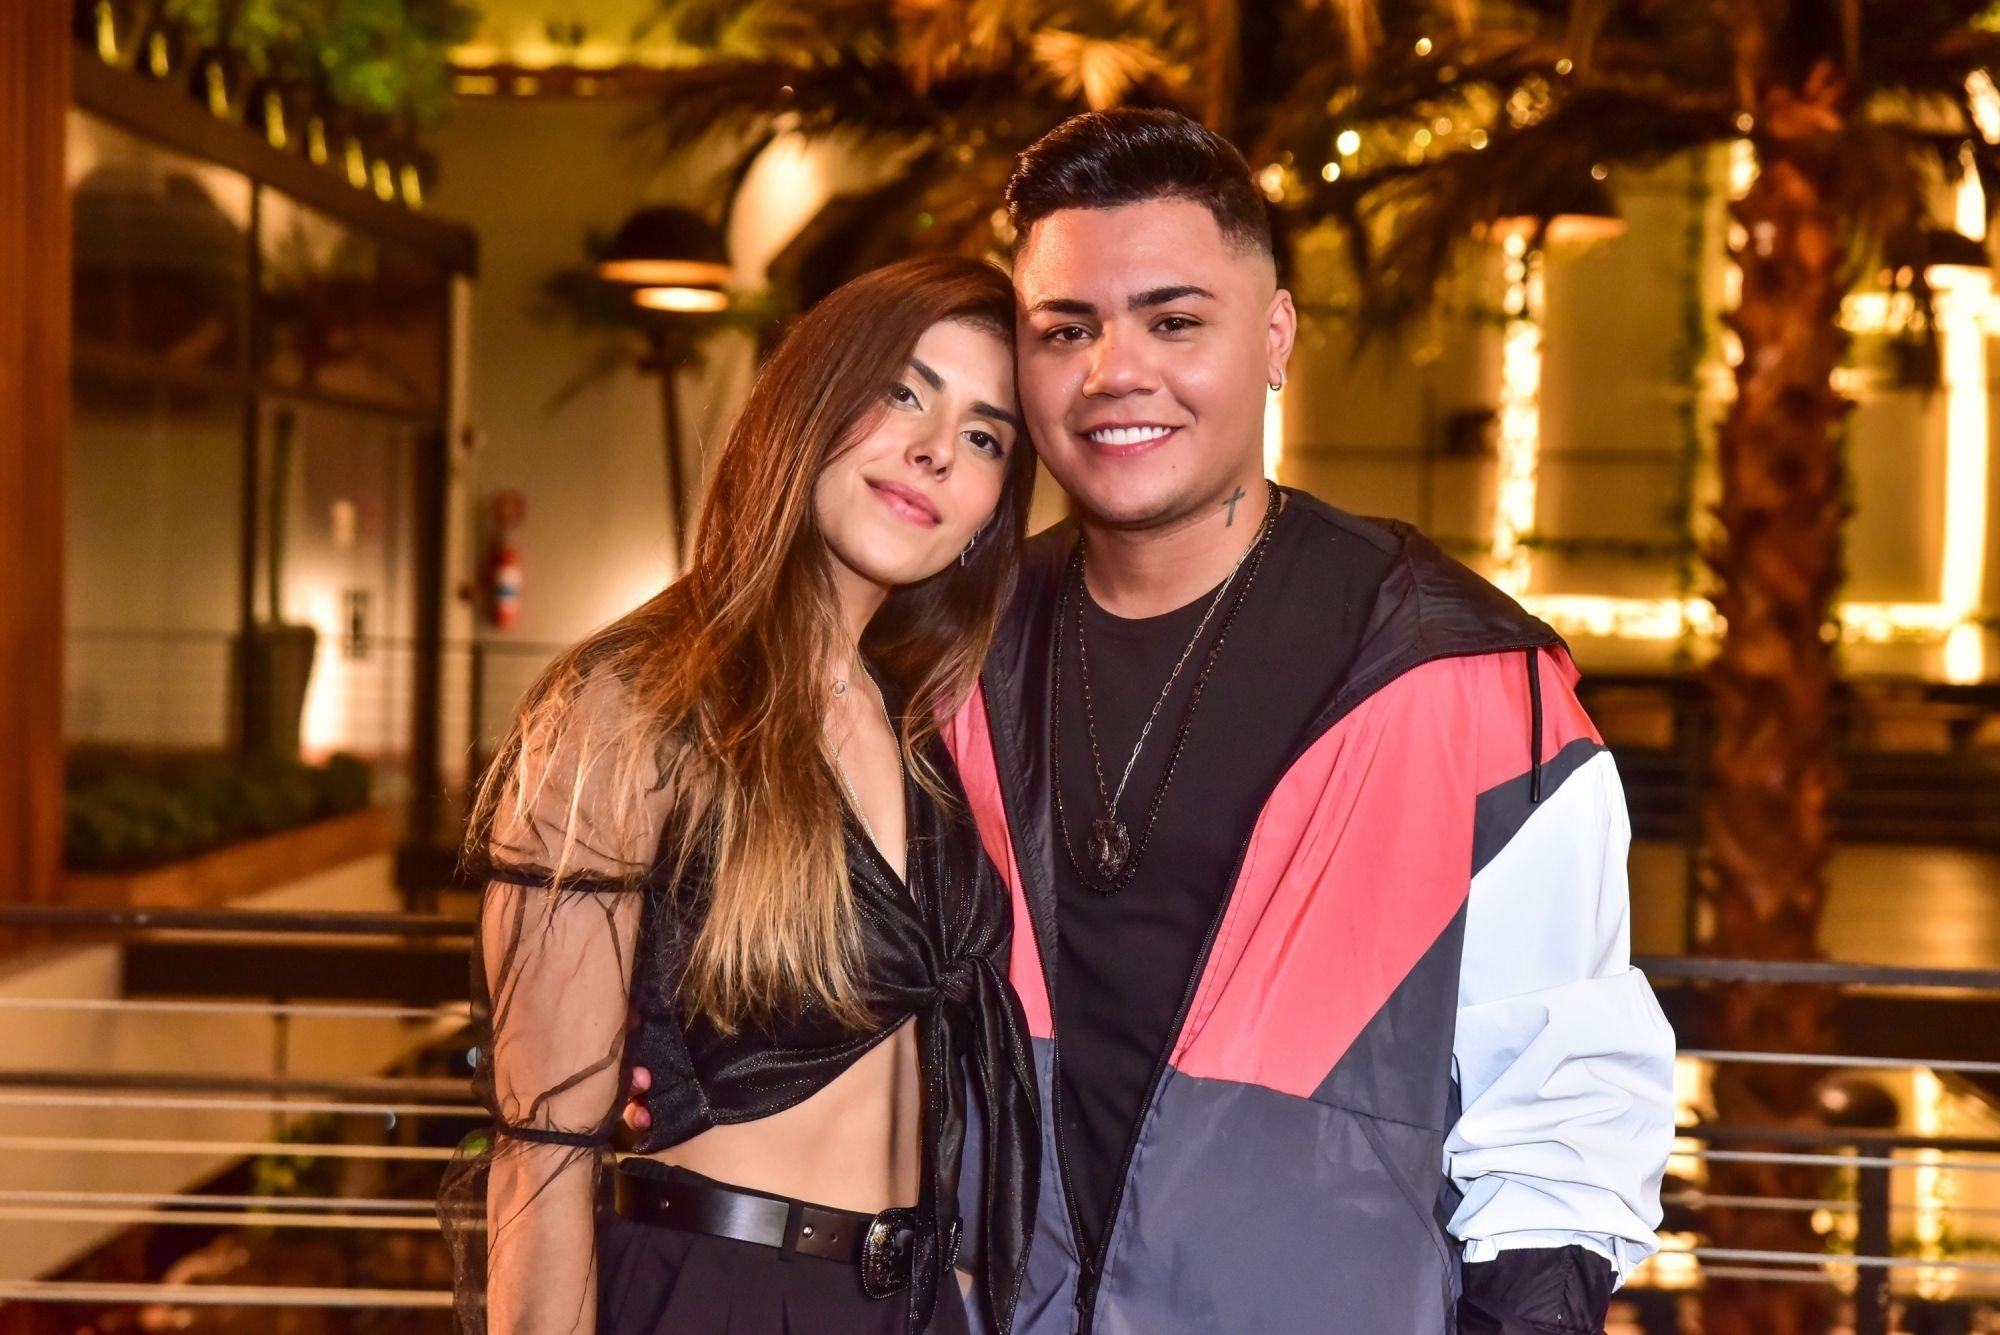 Felipe Araújo termina namoro com modelo Estella Defant